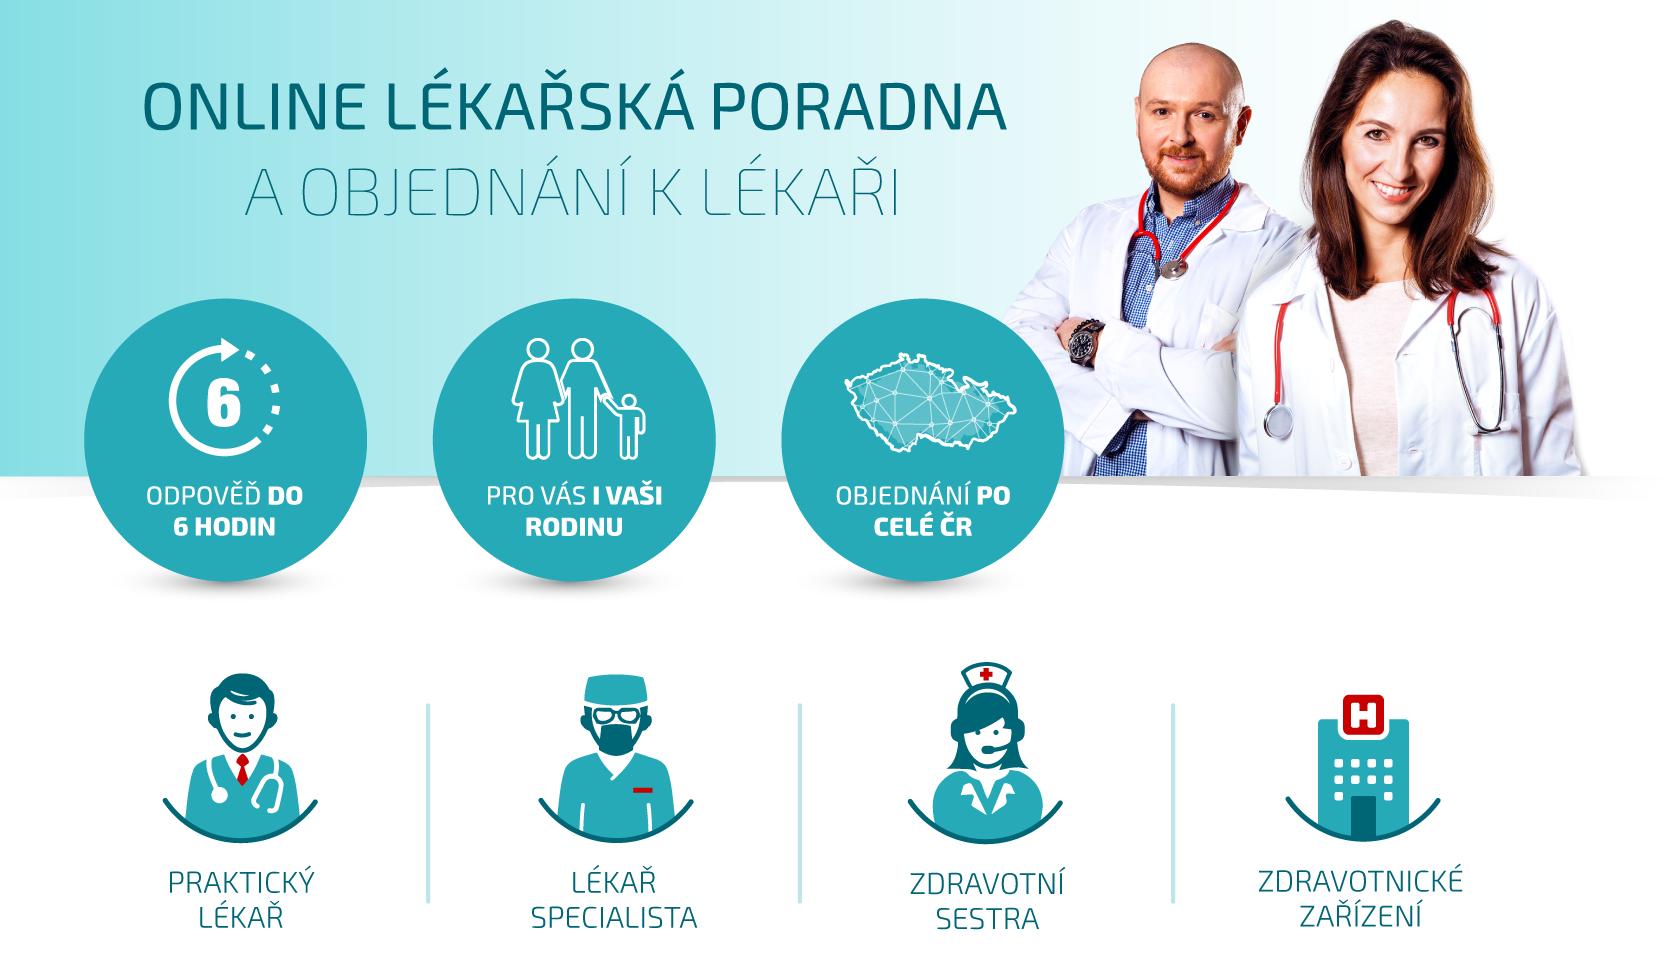 Online lékařská poradna a objednání - zaměstnanecký benefit